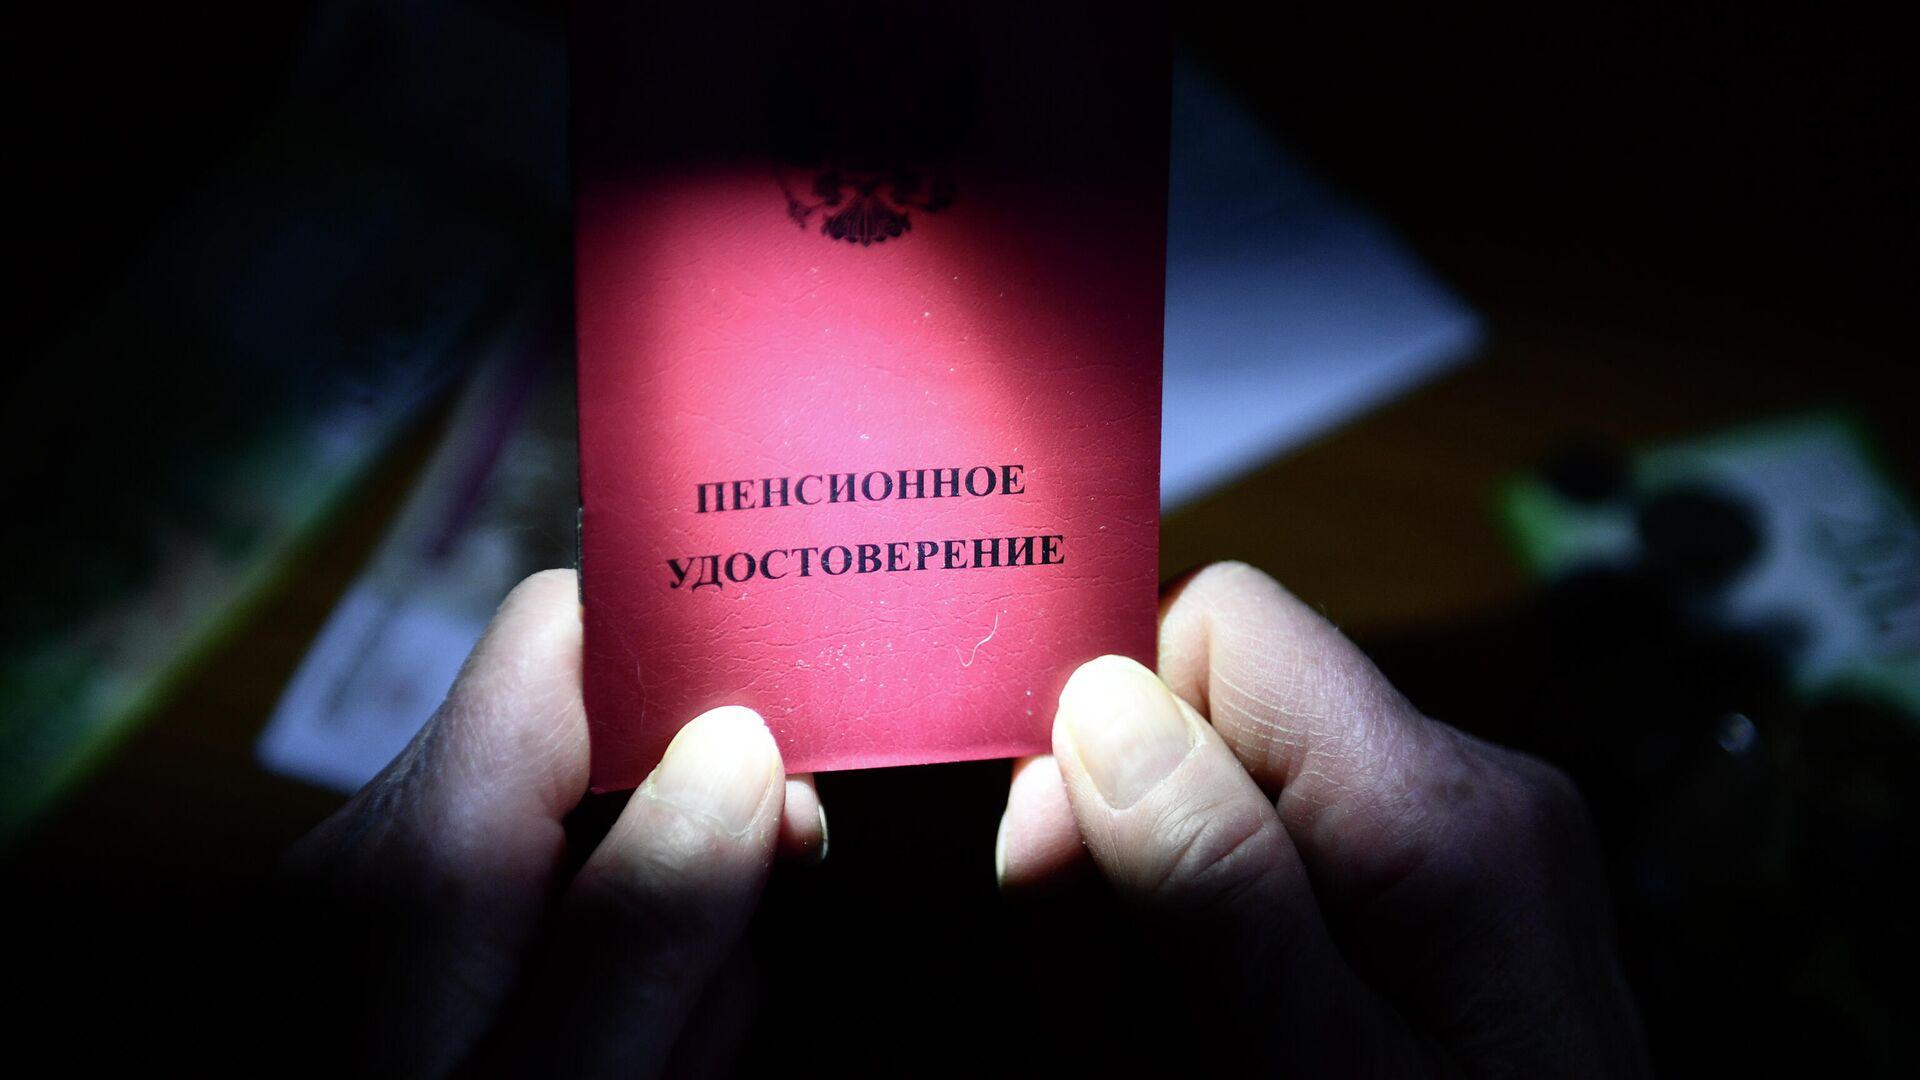 Пенсионное удостоверение - РИА Новости, 1920, 19.03.2021